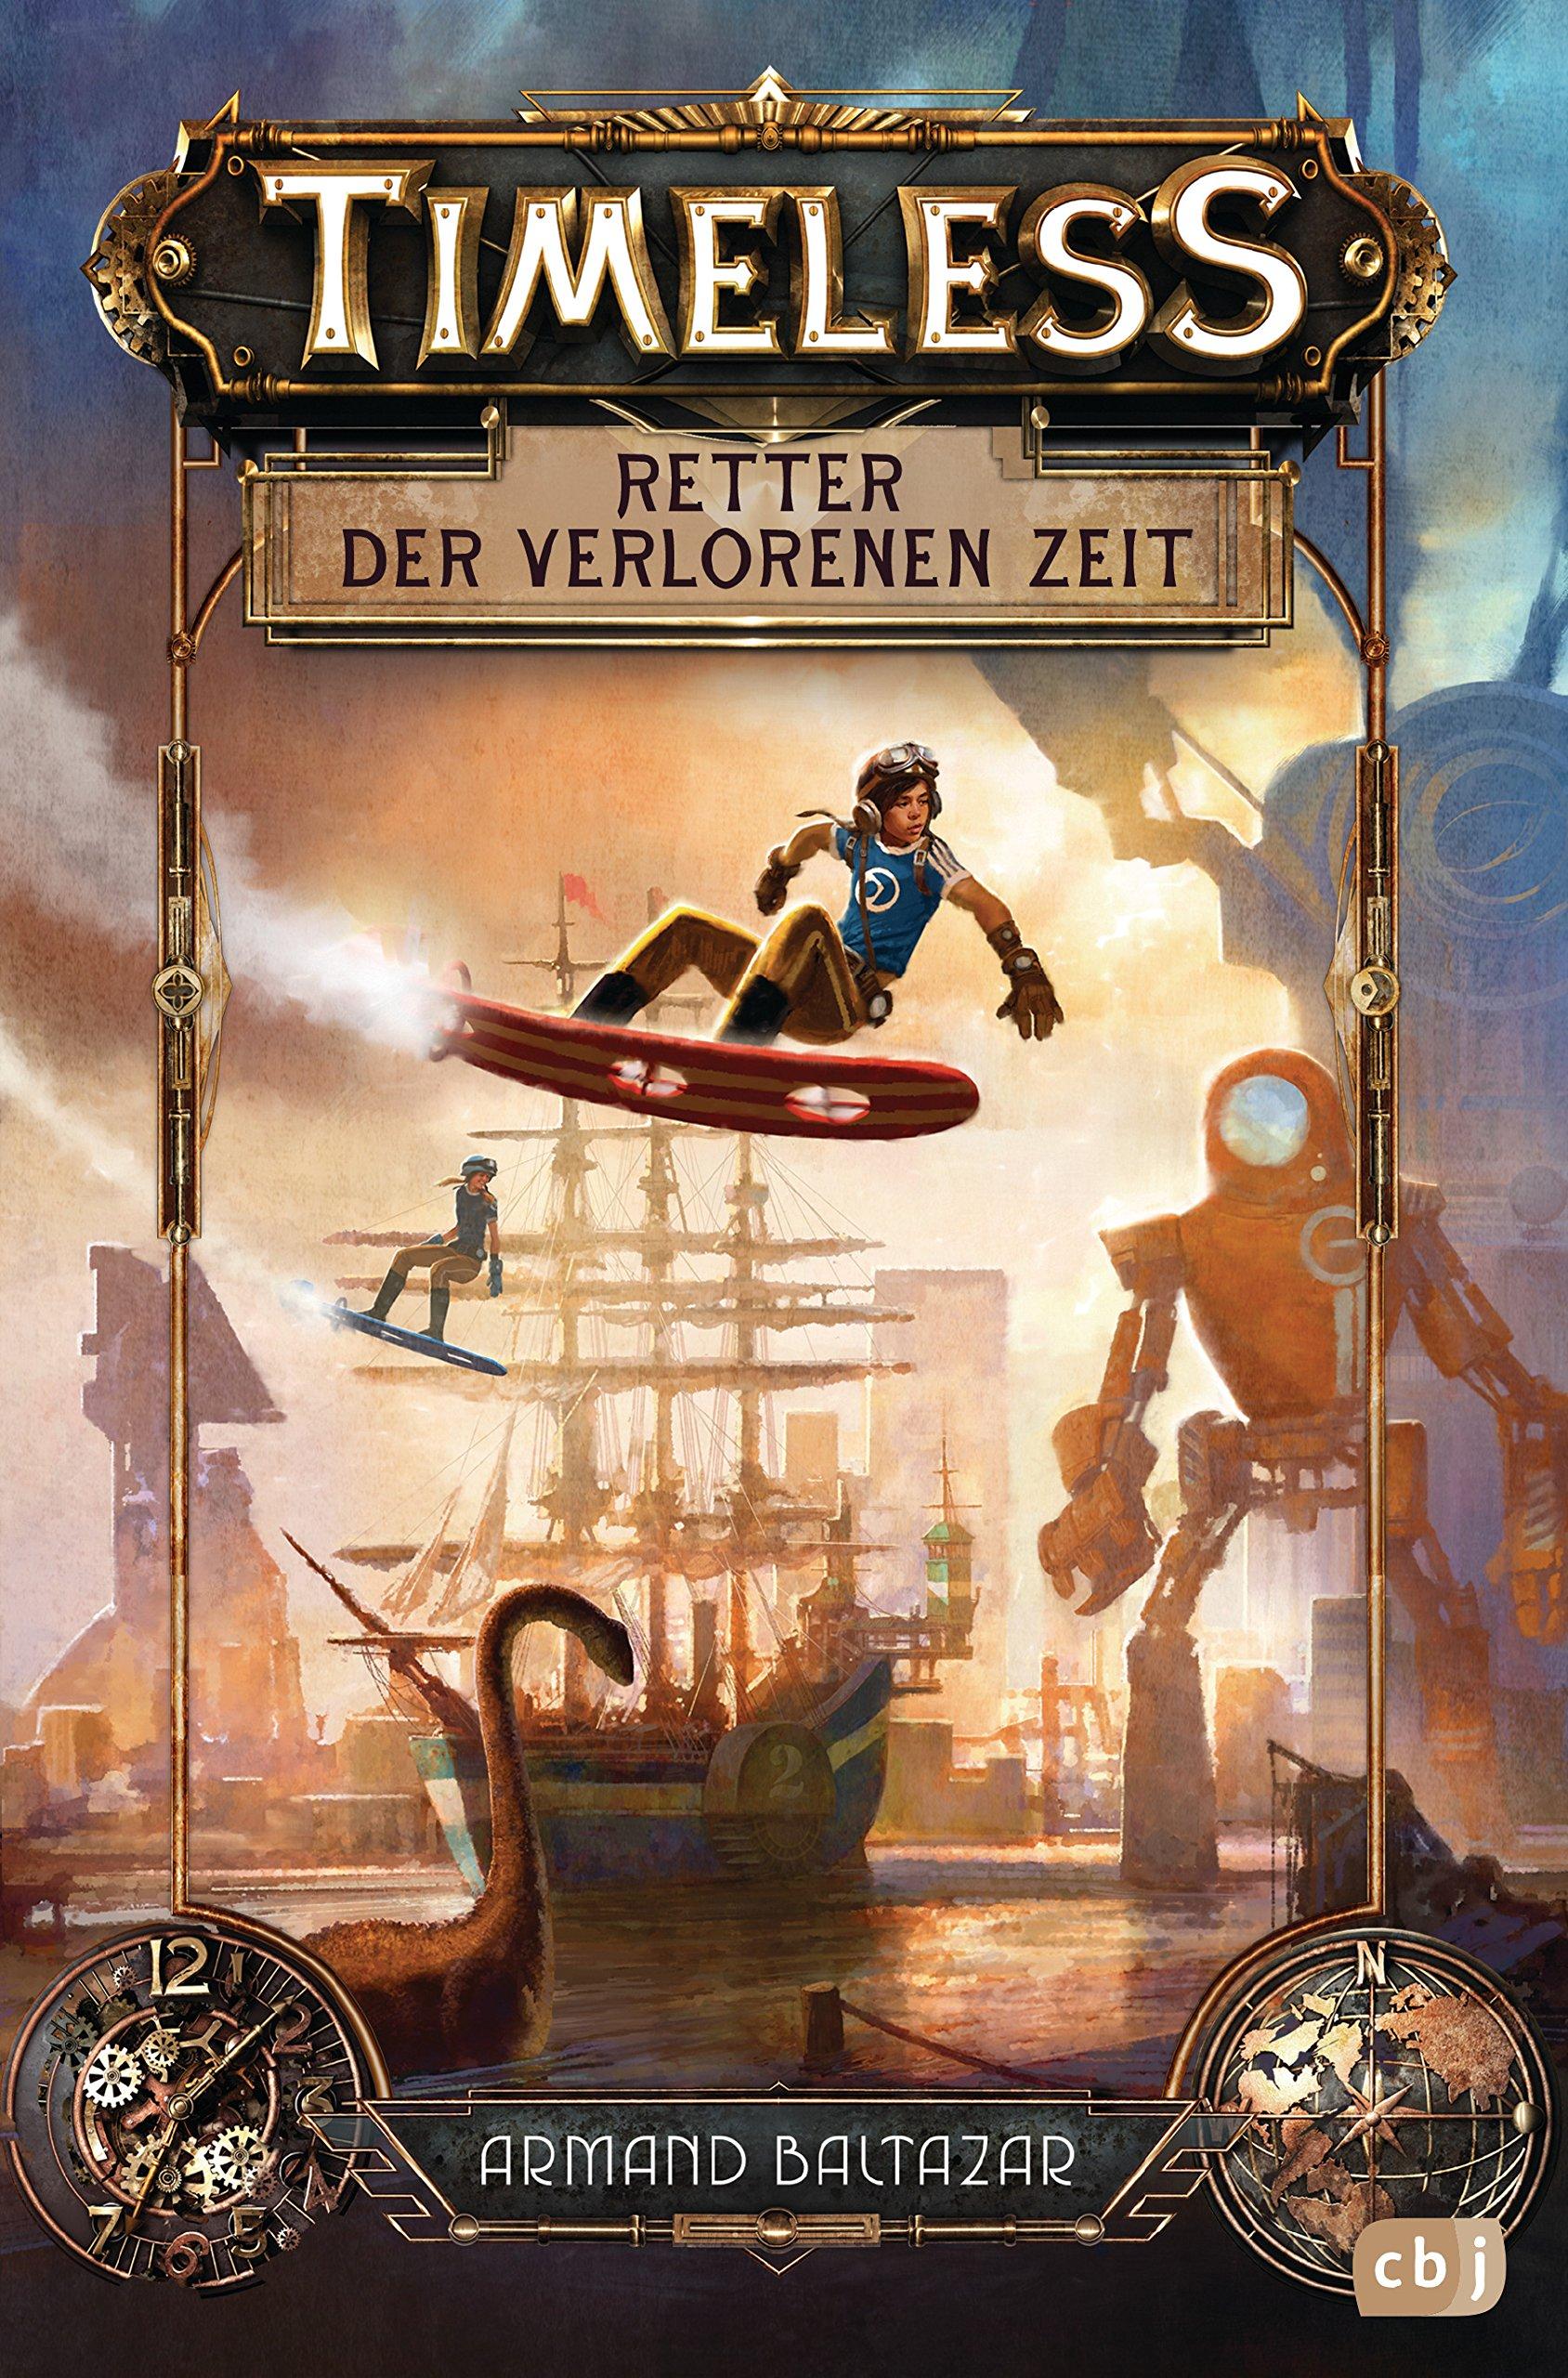 Timeless - Retter der verlorenen Zeit Gebundenes Buch – 23. Oktober 2017 Armand Baltazar Tanja Ohlsen cbj 3570174476